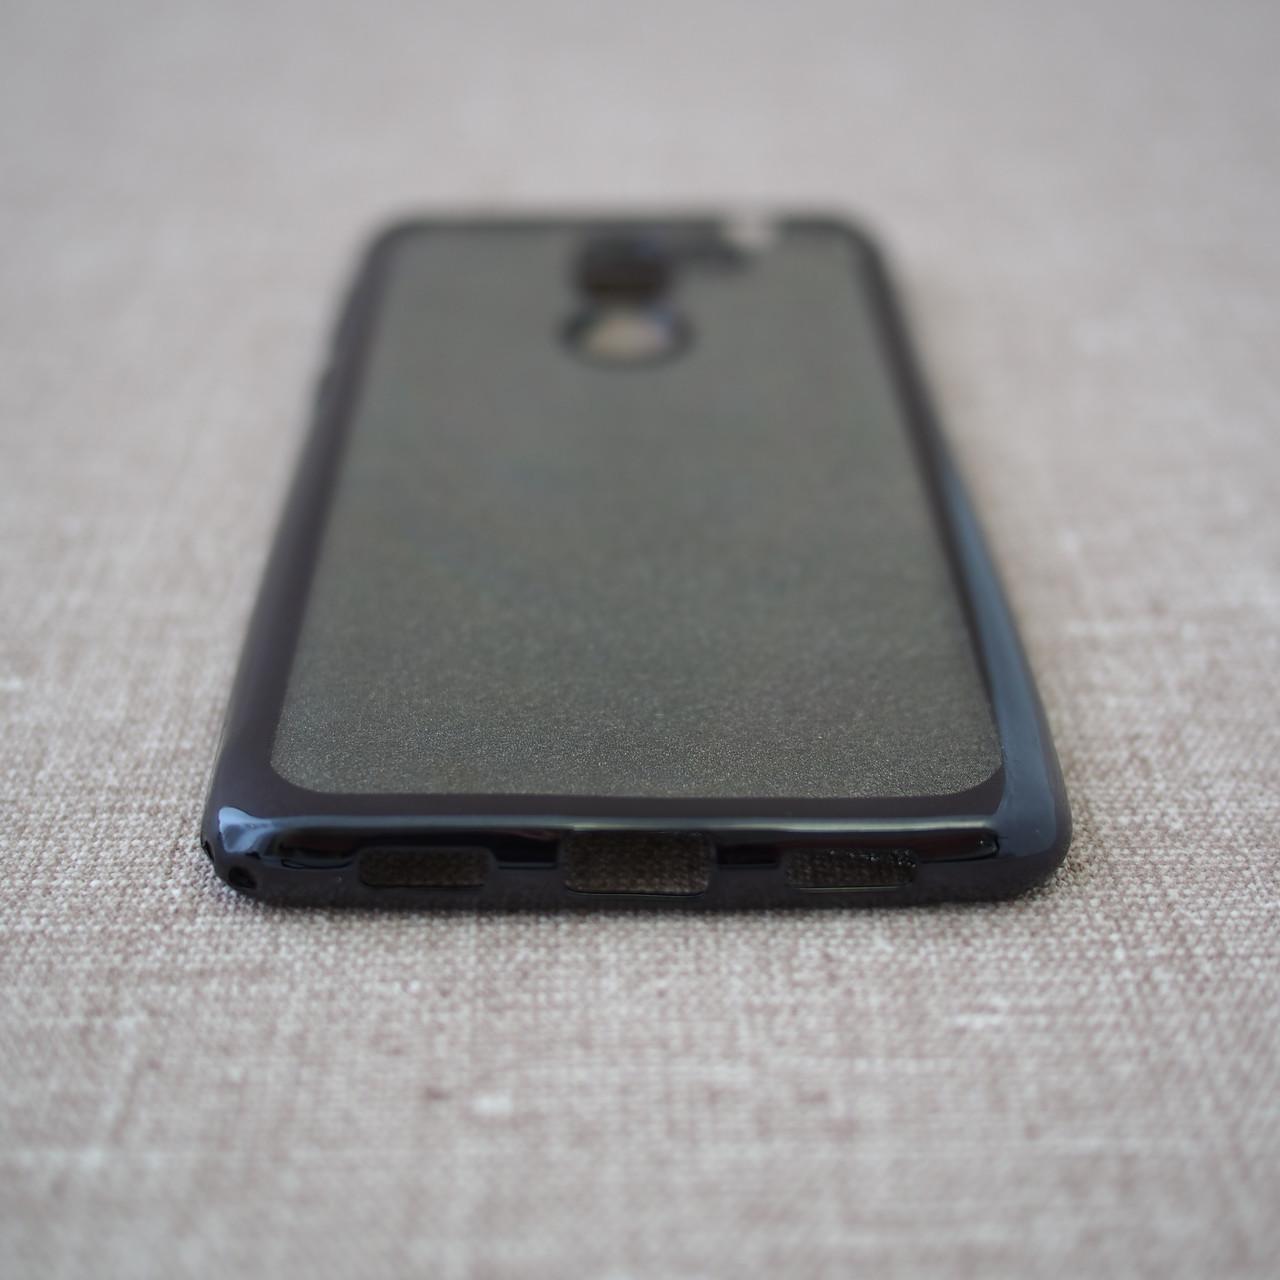 Remax Glitter Air Huawei GR5 2017 black